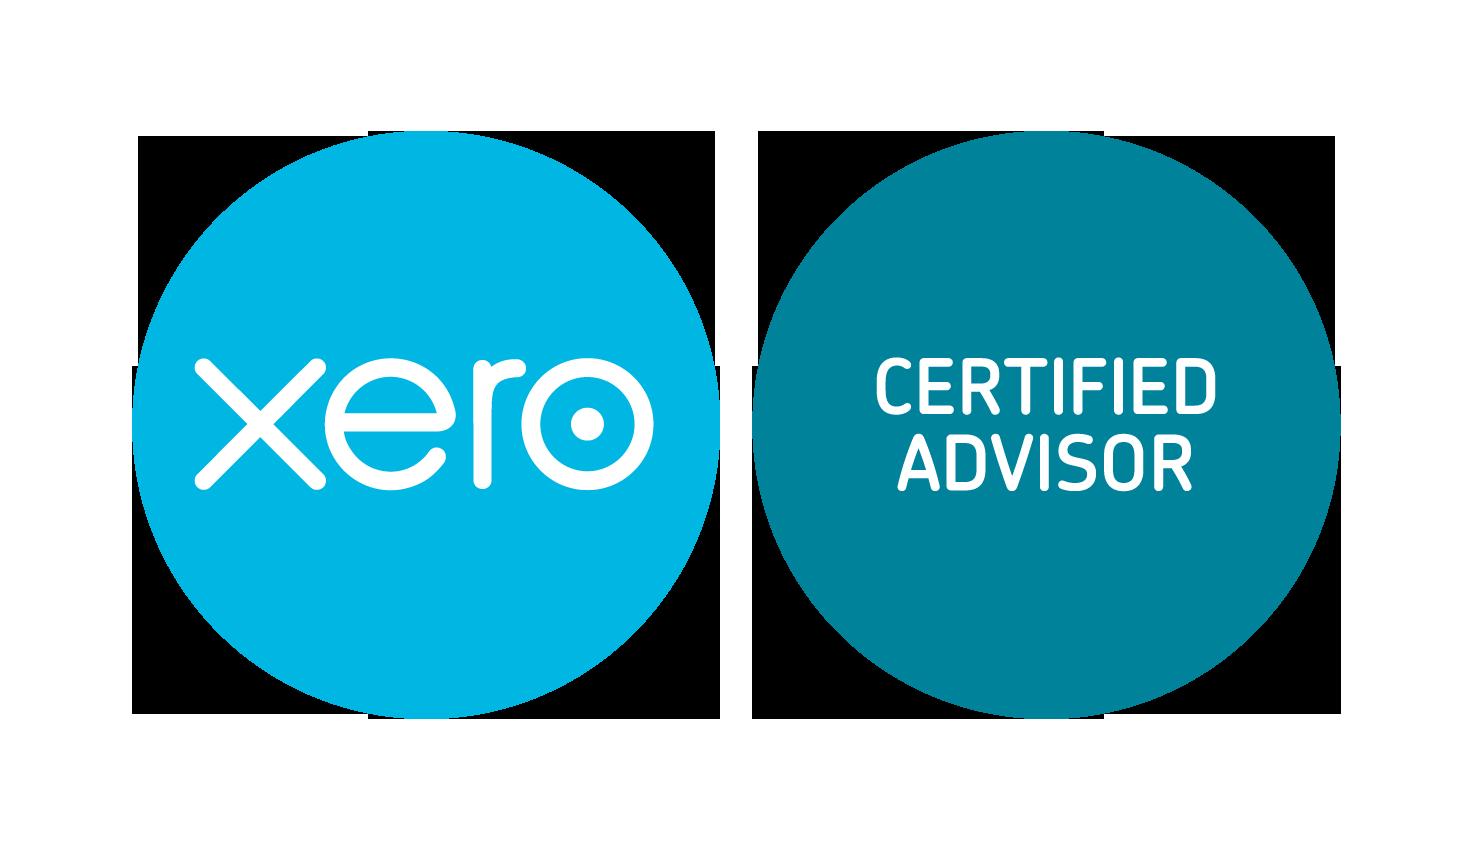 Certified advisor